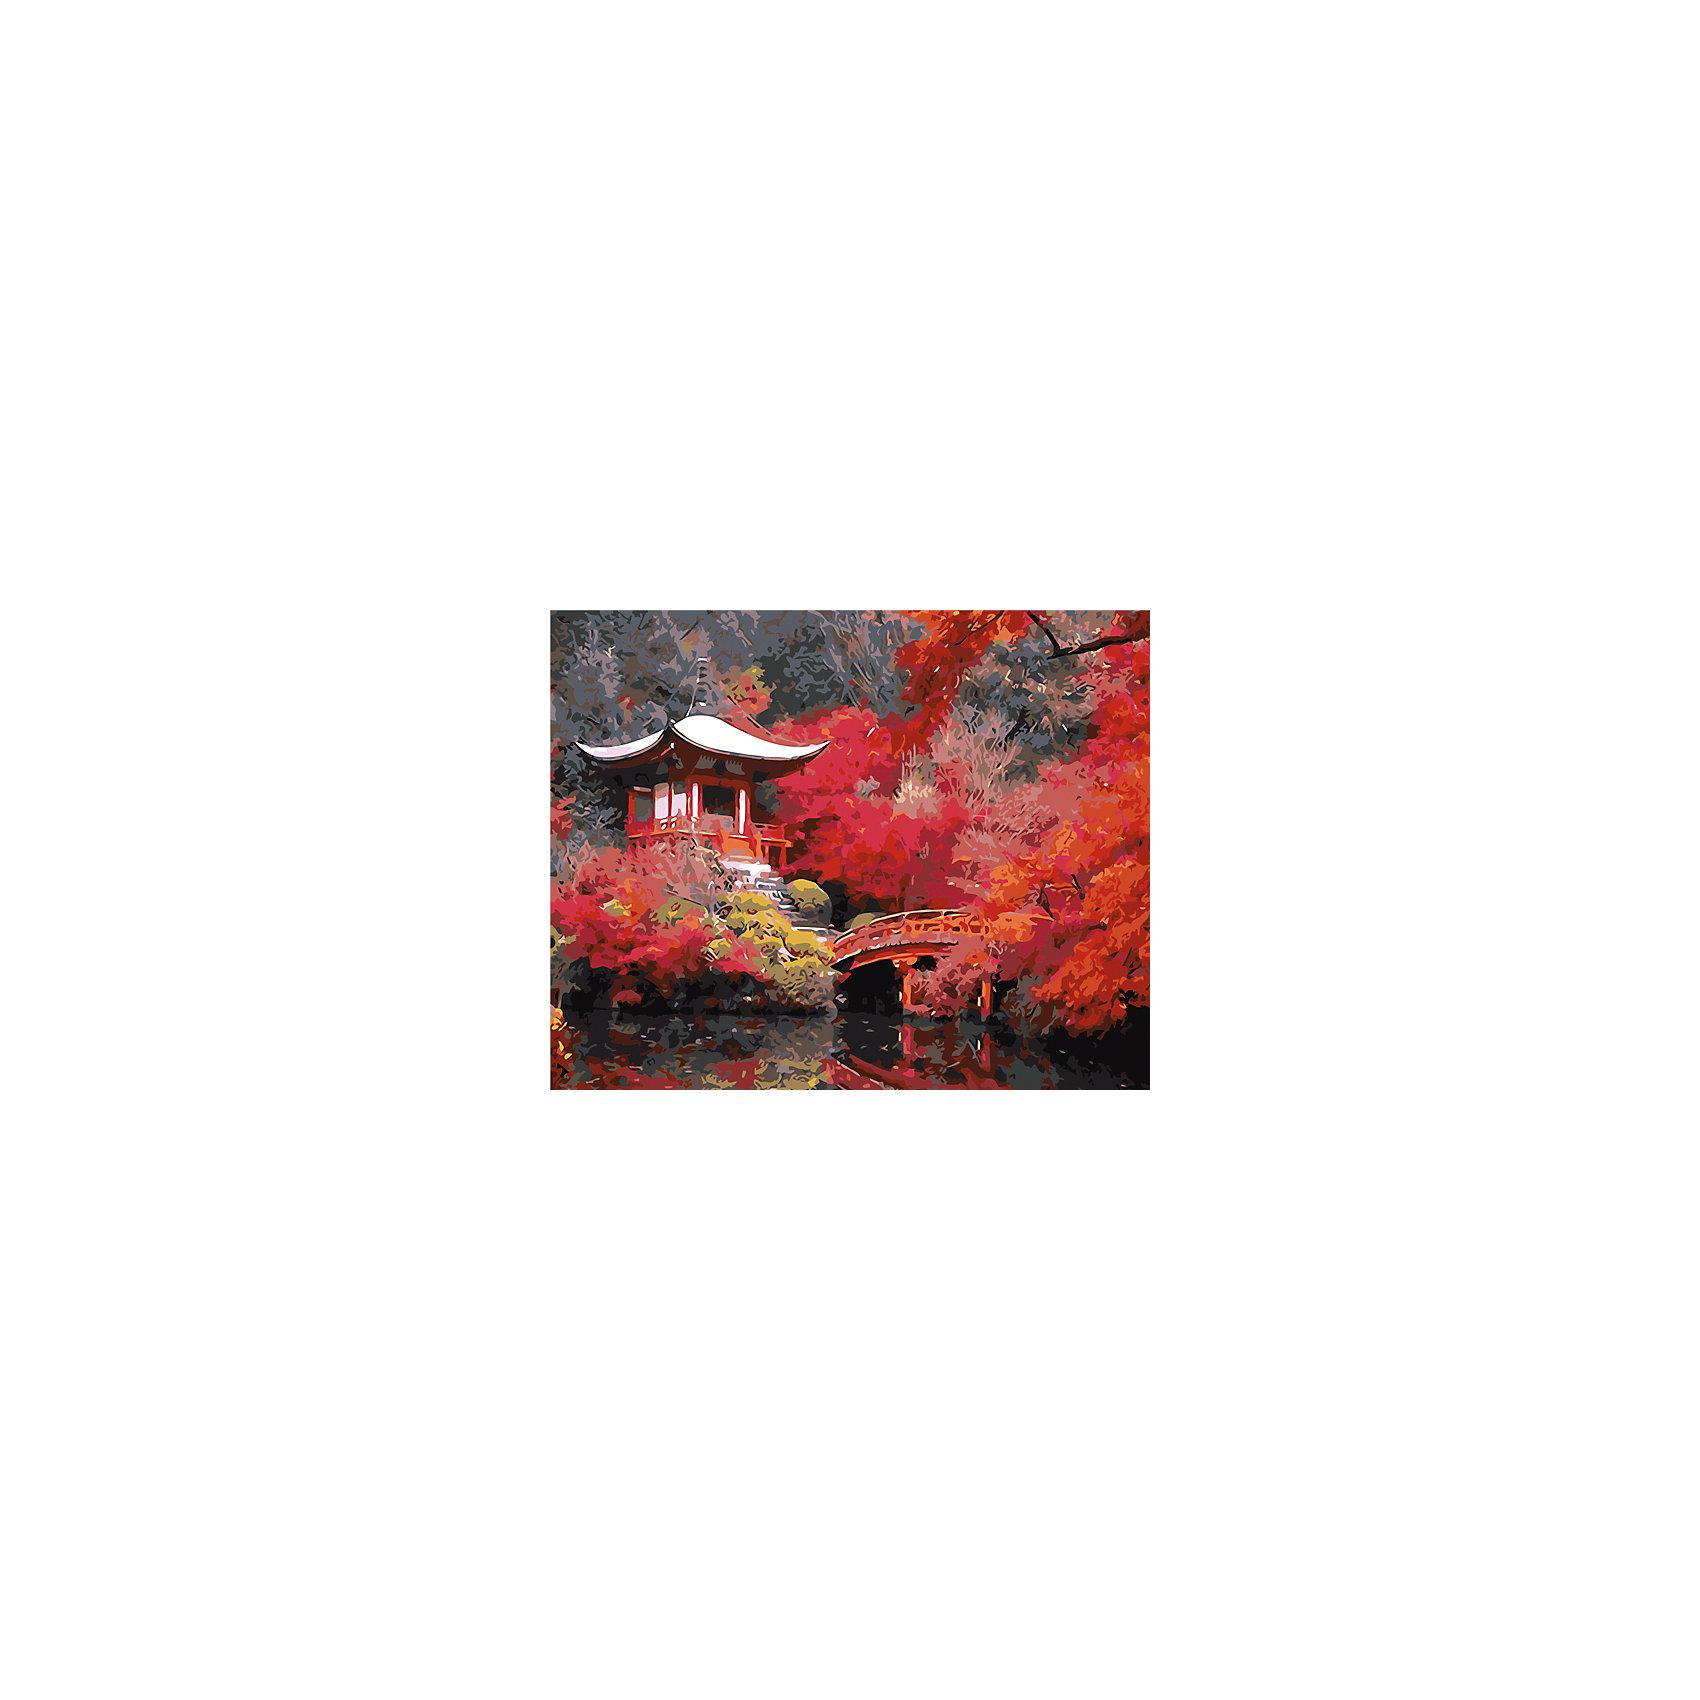 Холст с красками по номерам Китайская архитектура 40х50 смзамечательные наборы для создания уникального шедевра изобразительного искусства. Создание картин на специально подготовленной рабочей поверхности – это уникальная техника, позволяющая делать Ваши шедевры более яркими и реалистичными. Просто нанесите мазки на уже готовый эскиз и оживите картину! Готовые изделия могут стать украшением интерьера или прекрасным подарком близким и друзьям.<br><br>Ширина мм: 510<br>Глубина мм: 410<br>Высота мм: 25<br>Вес г: 900<br>Возраст от месяцев: 36<br>Возраст до месяцев: 108<br>Пол: Унисекс<br>Возраст: Детский<br>SKU: 5096771